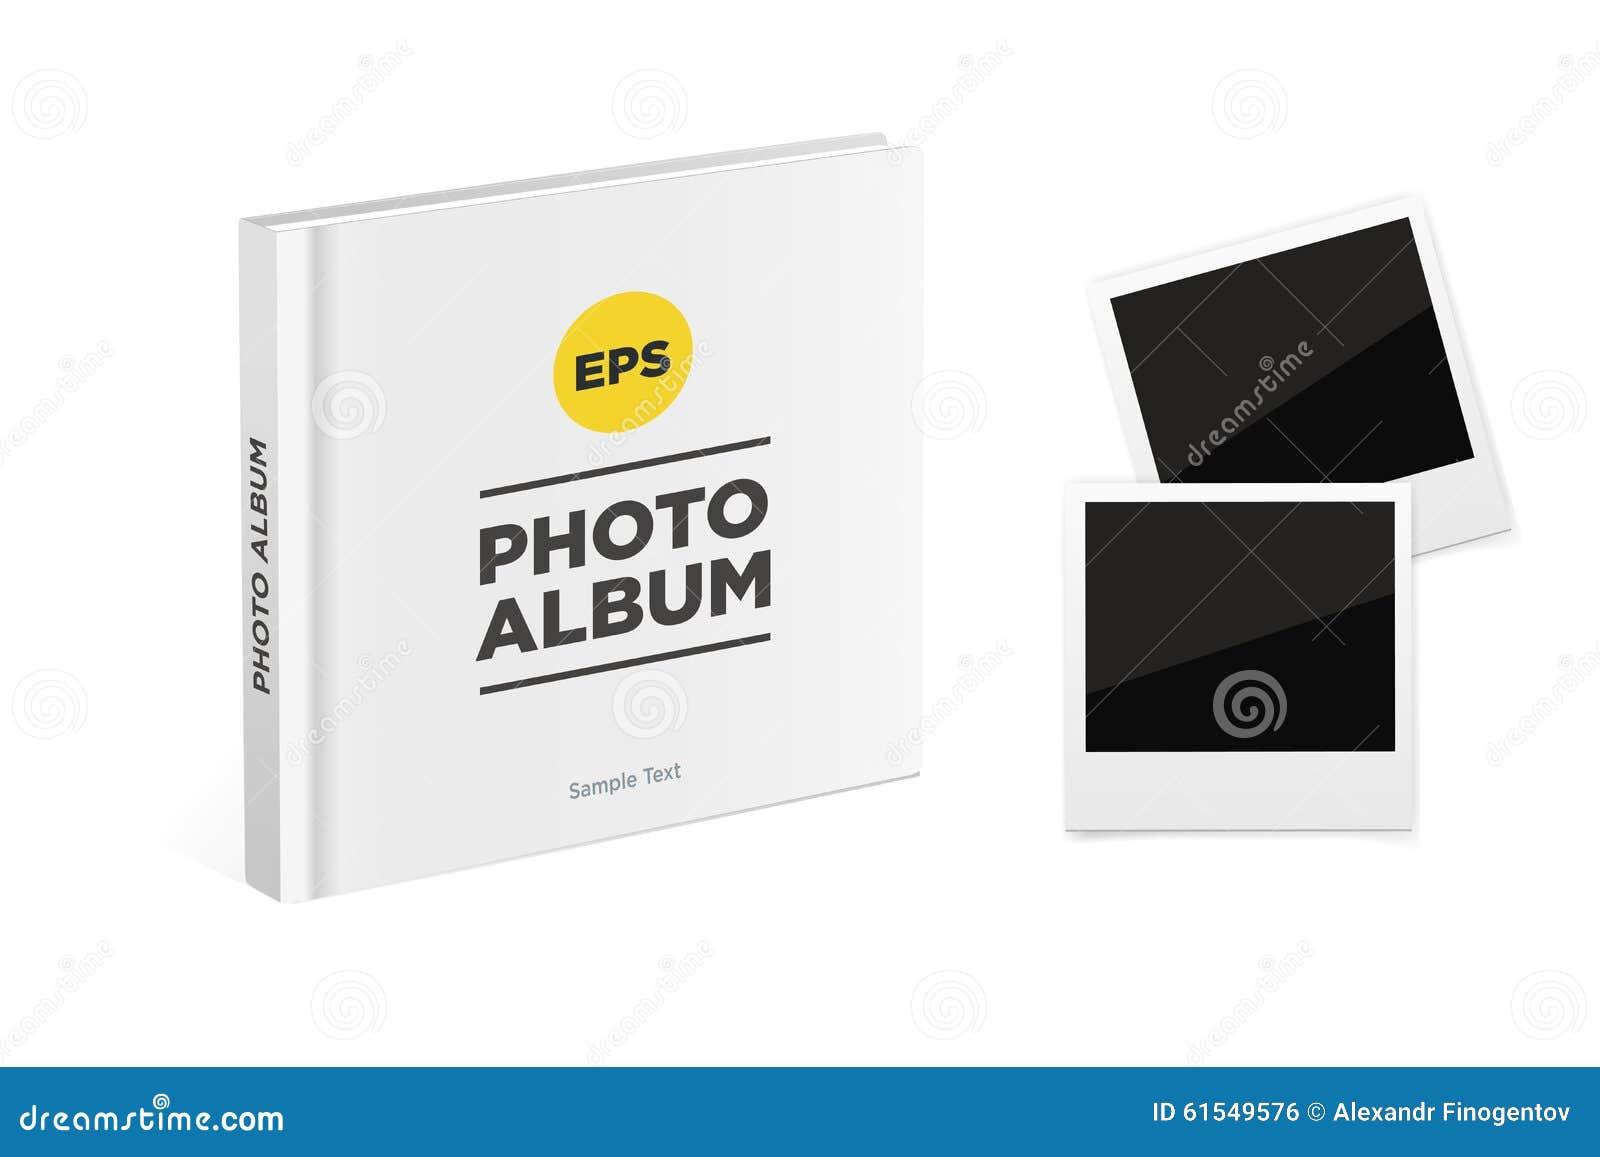 stock photo album cover - photo #23